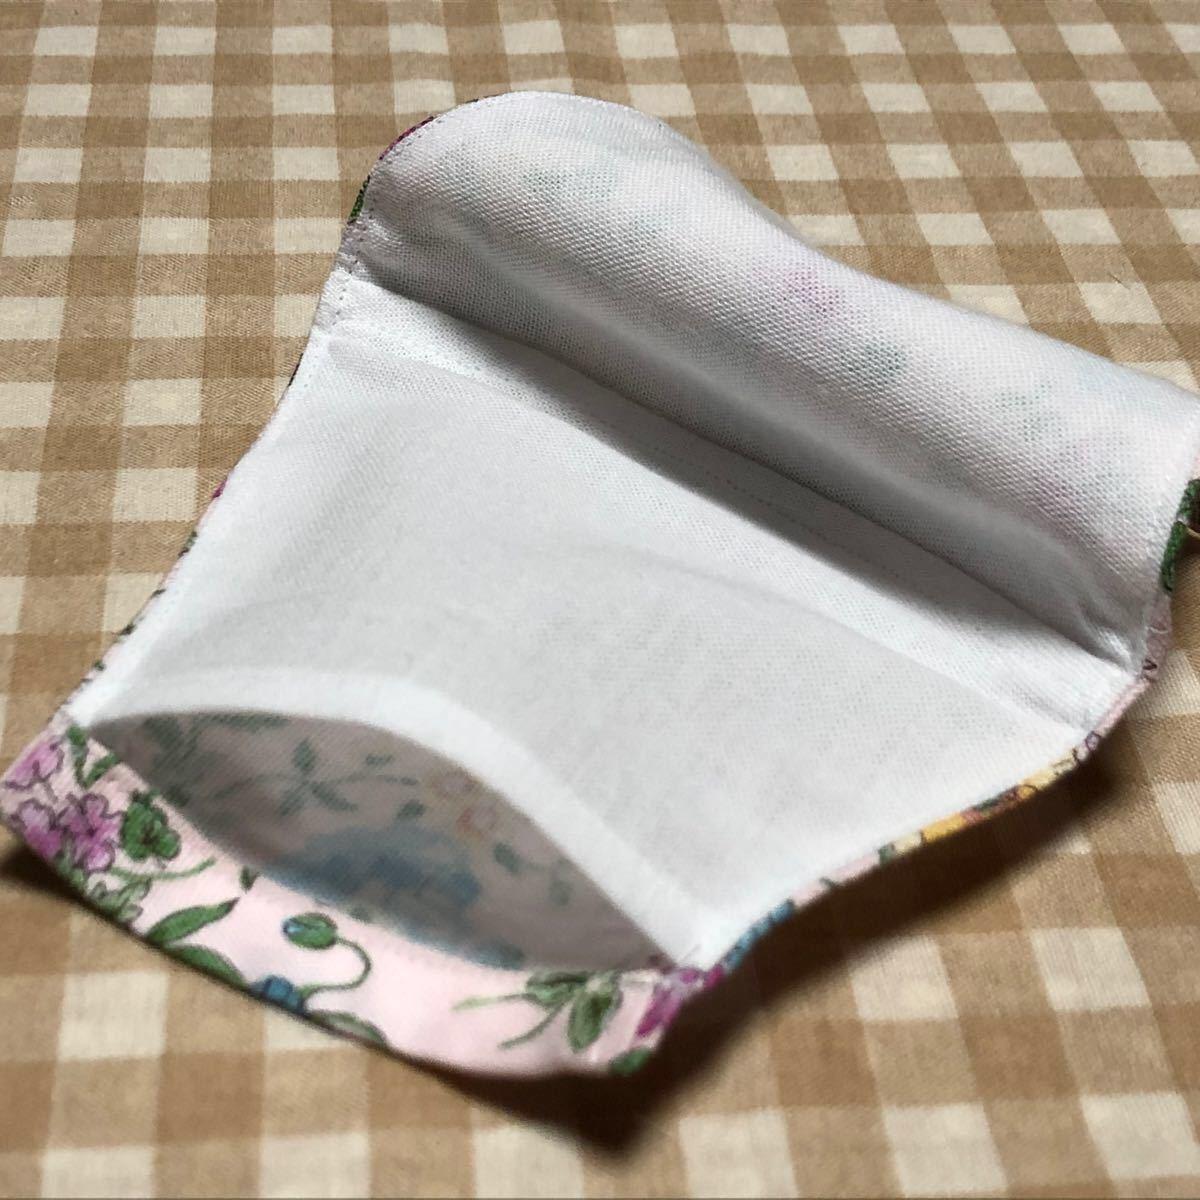 ★ハンドメイド・ピンク系×ボタニカル柄・立体インナーカバー×1枚(ポケット付)